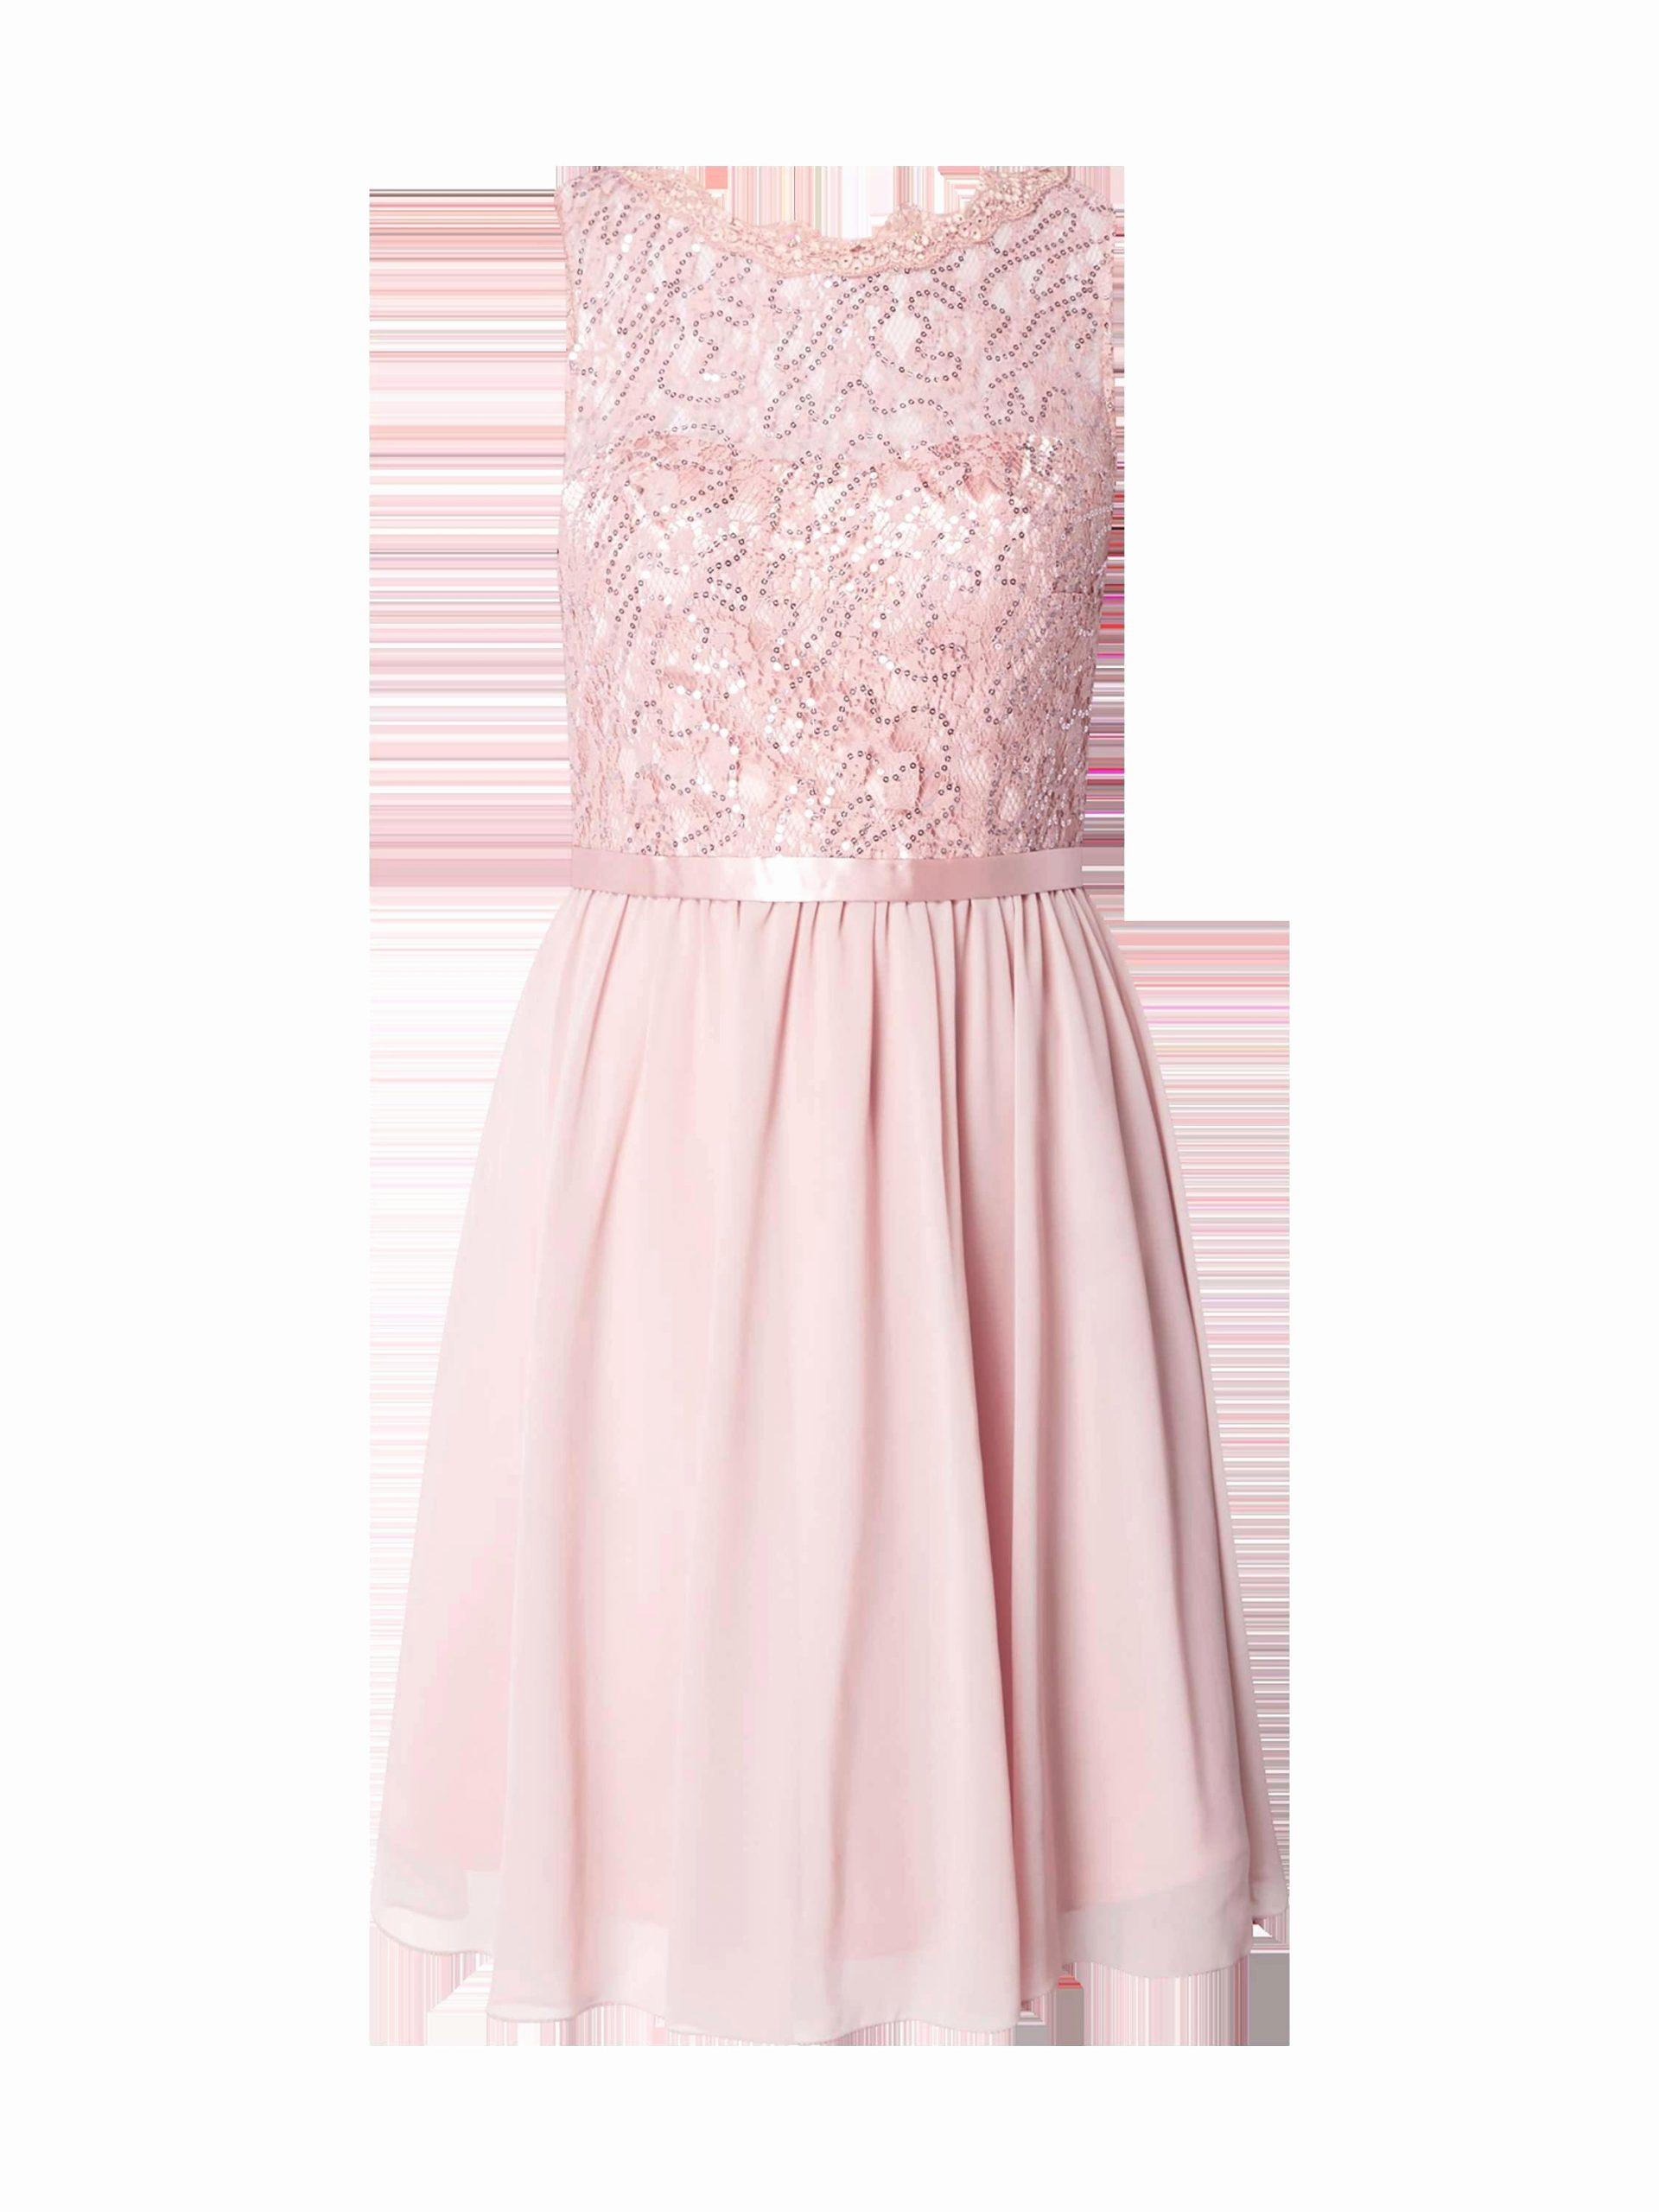 Designer Luxus Schöne Kleider Bestellen Galerie15 Ausgezeichnet Schöne Kleider Bestellen Spezialgebiet